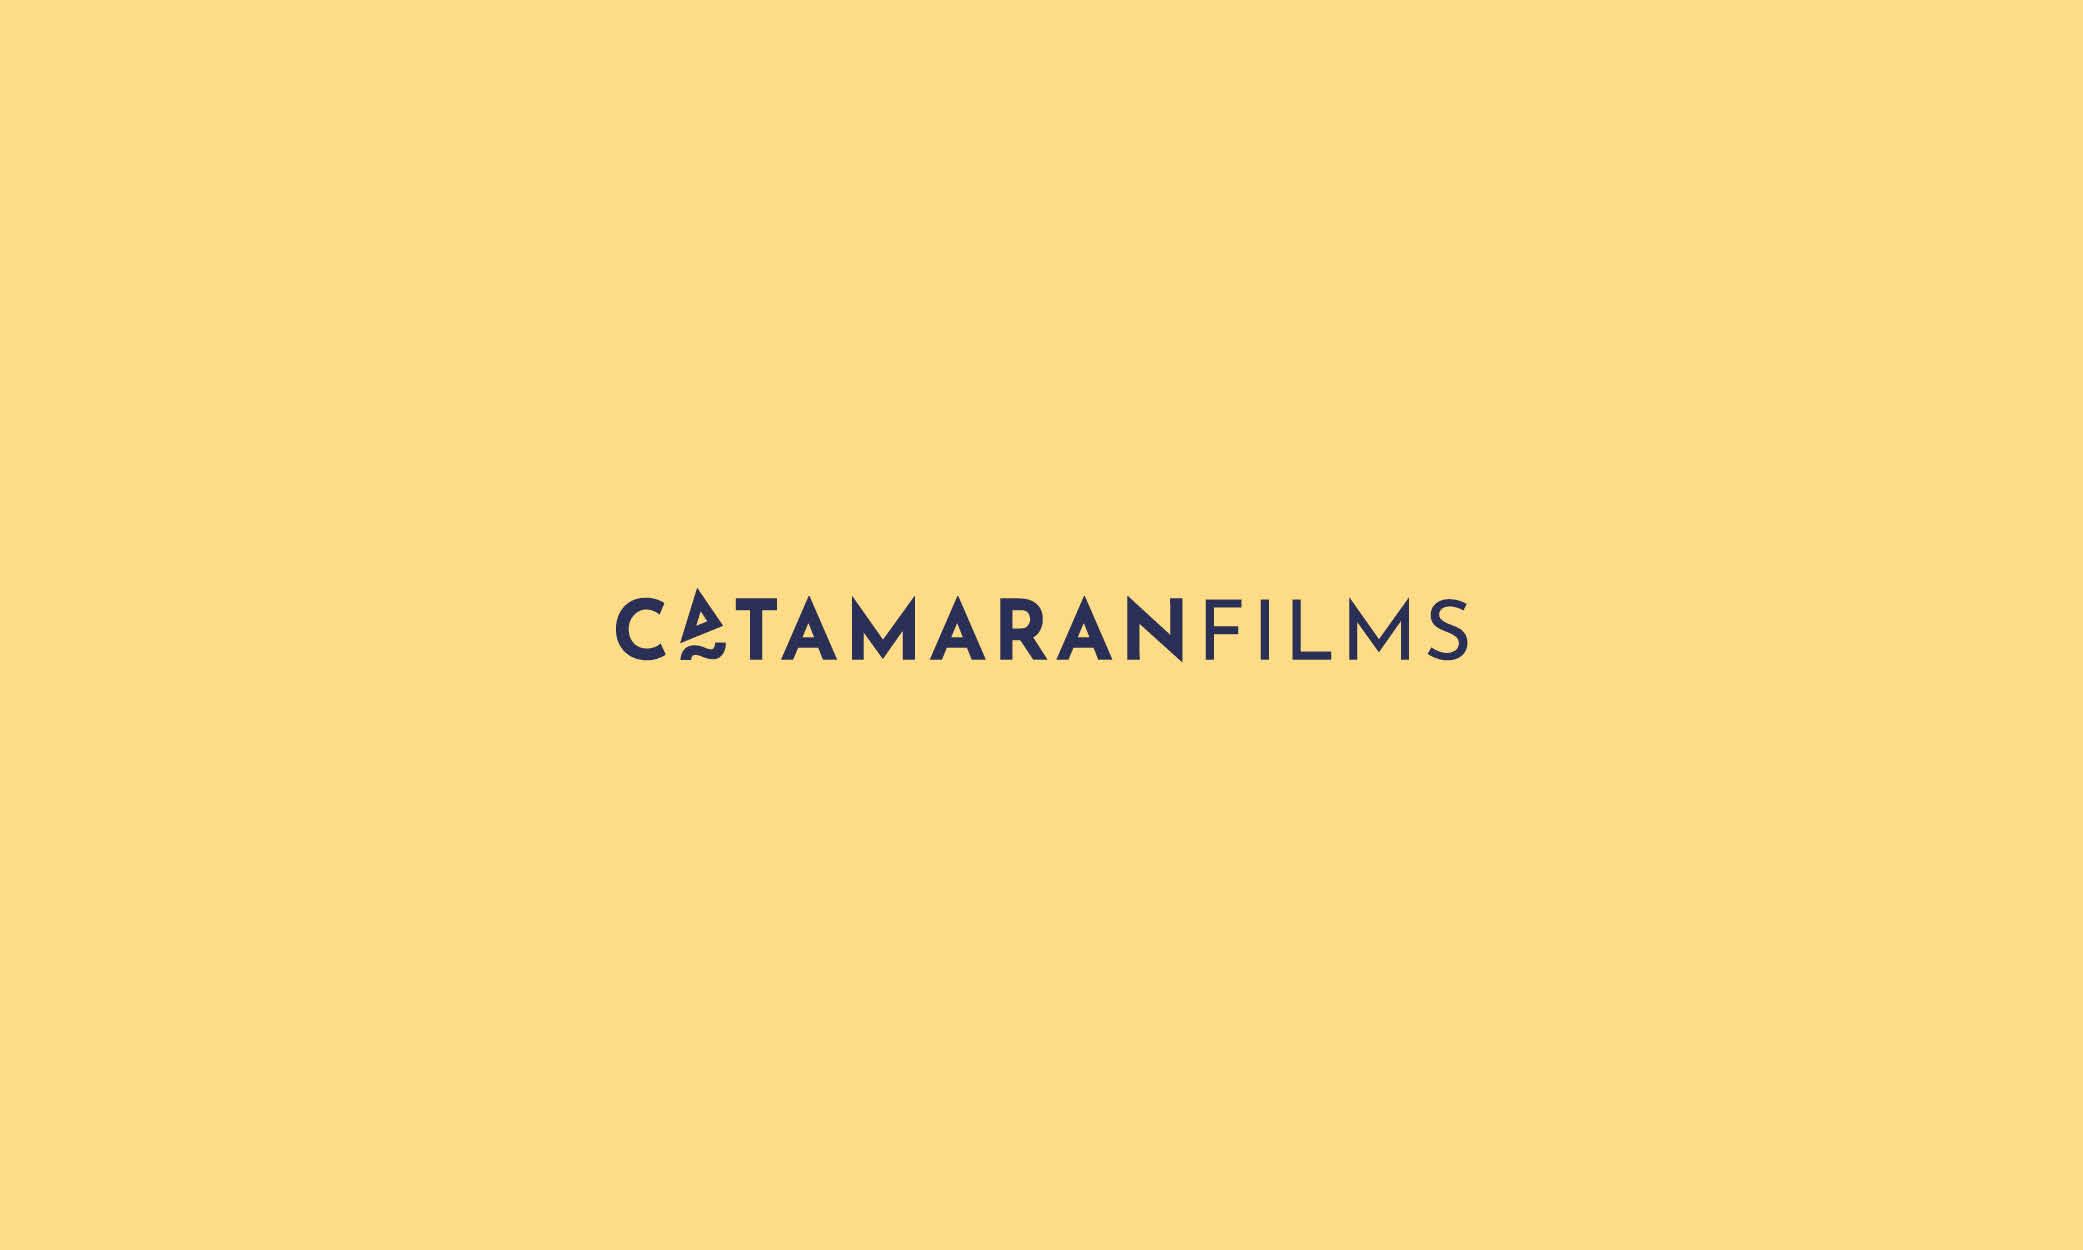 catamaranfilms Logo Design